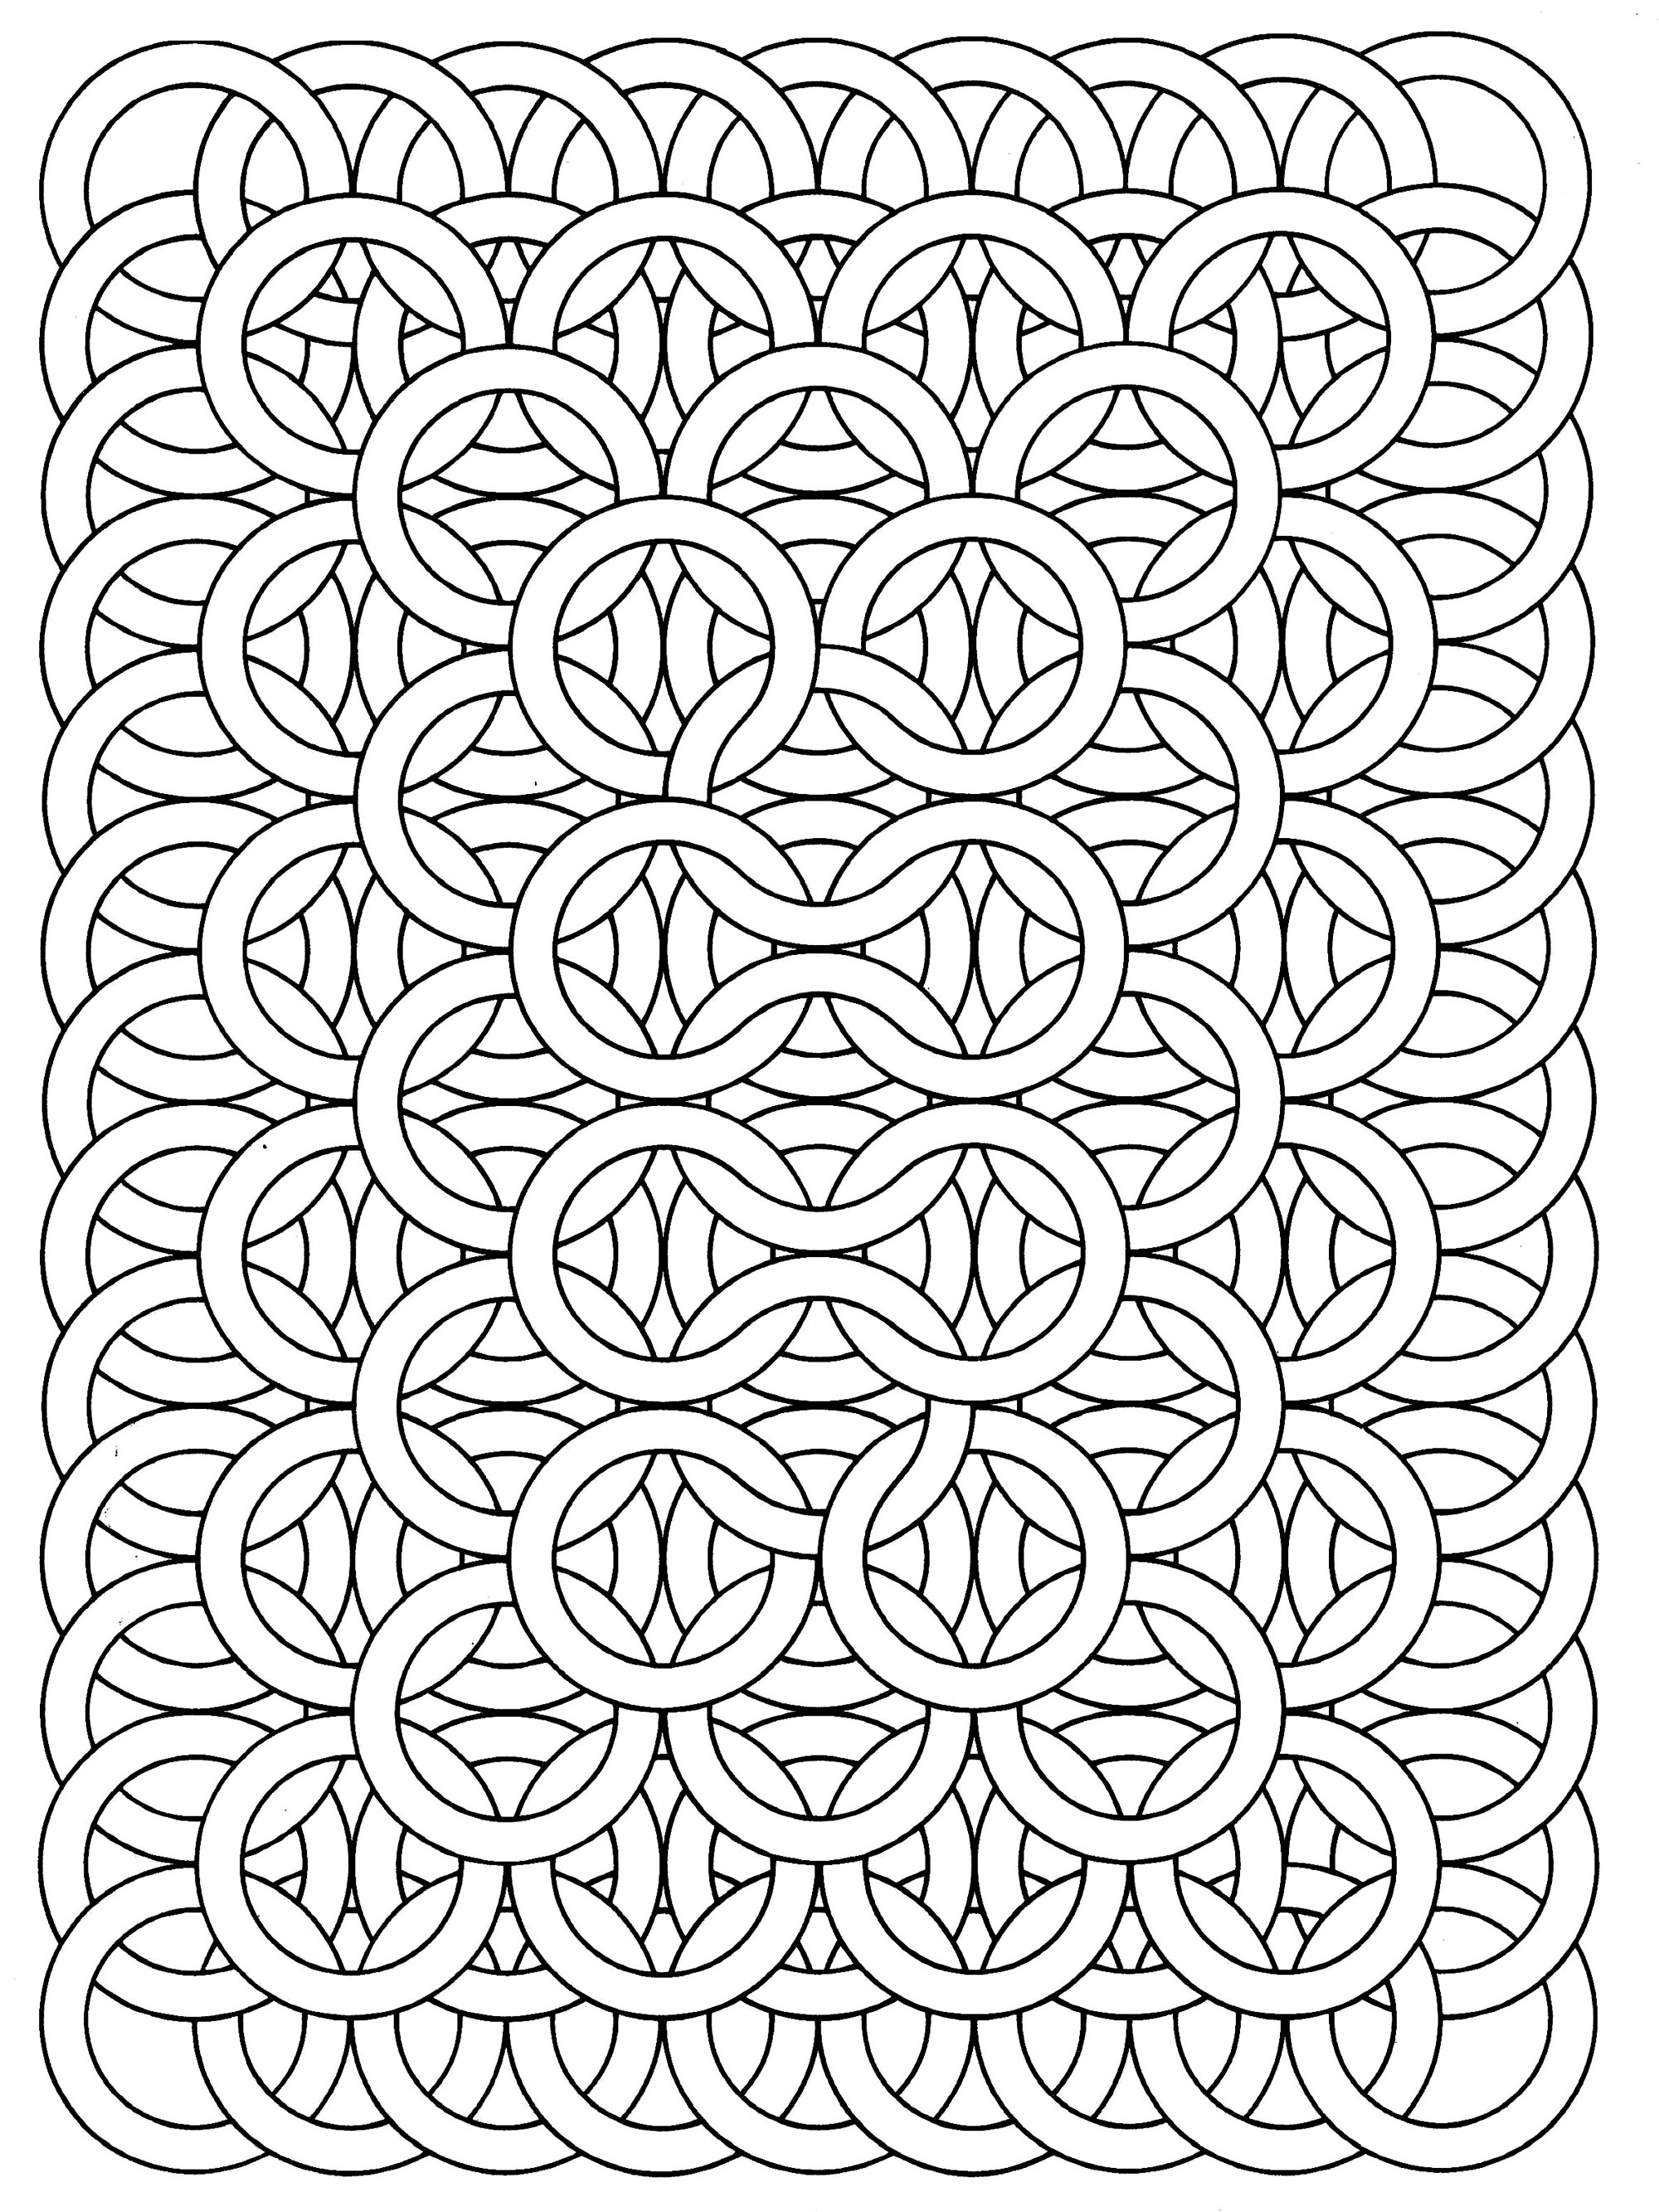 Disegni da colorare per adulti : Op Art - 20